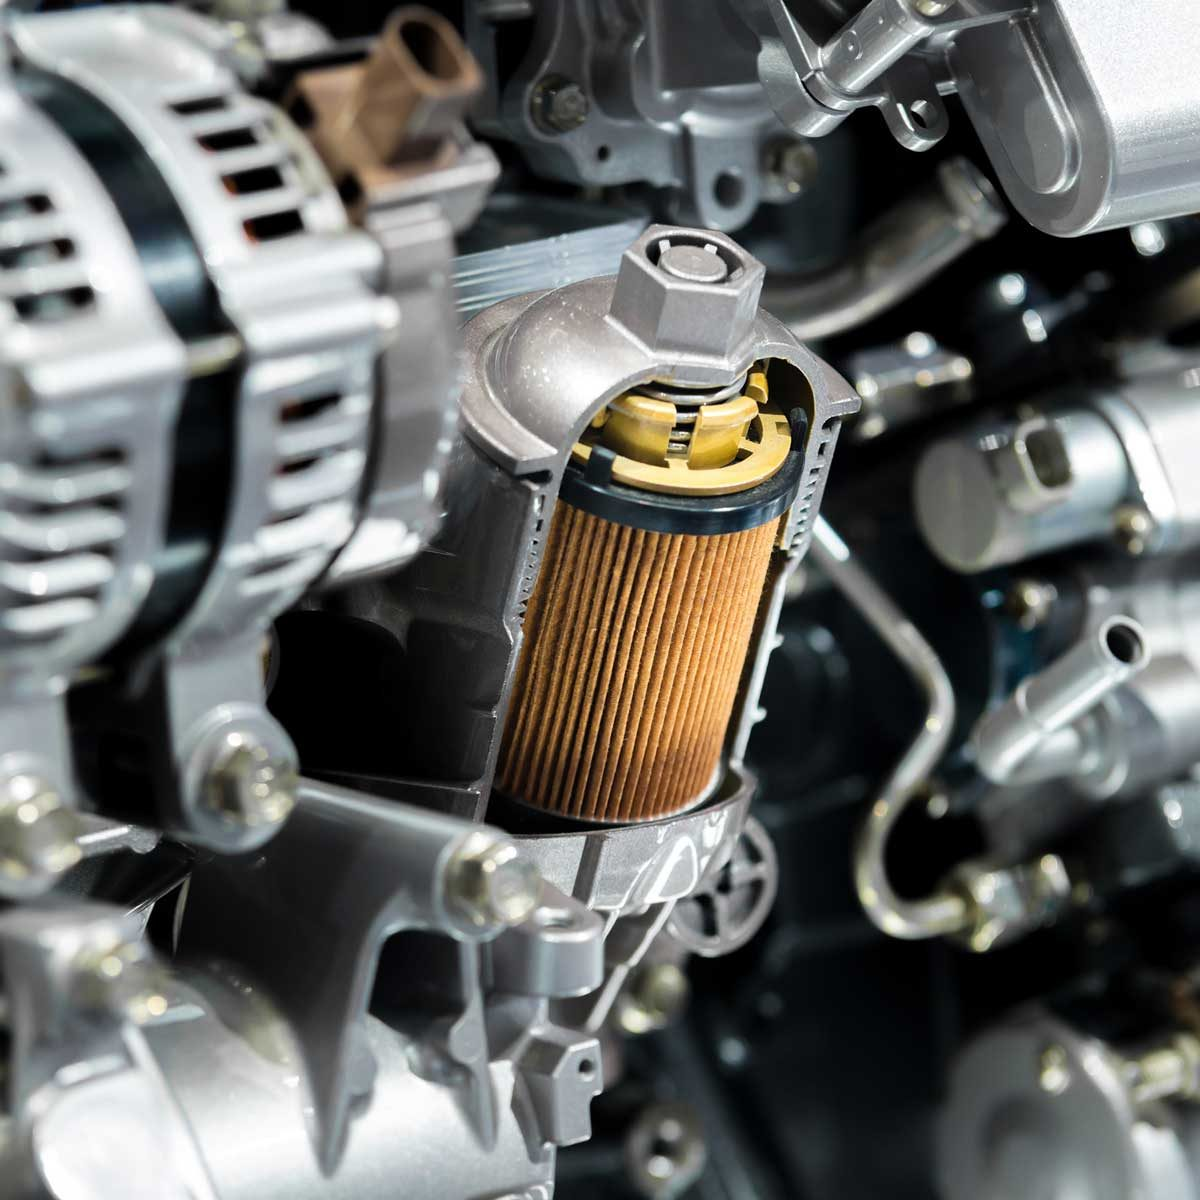 Oil filter in a car